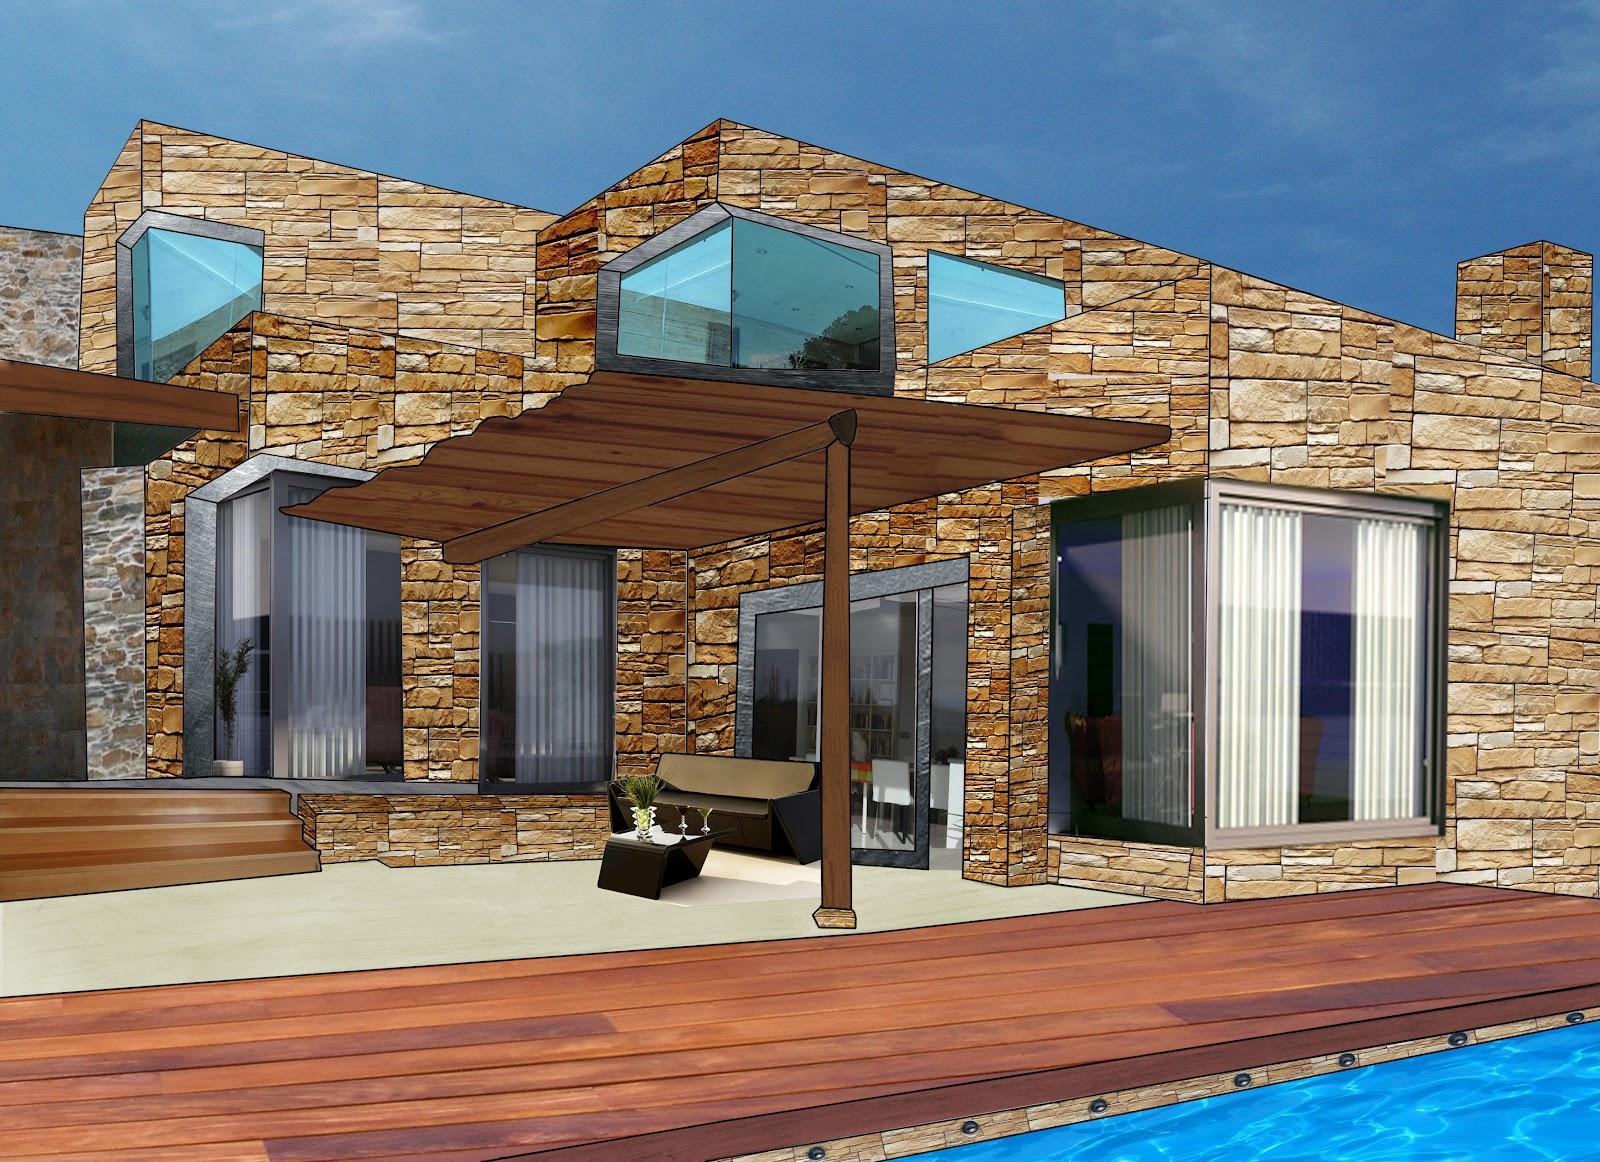 Dibujo y dise o digital casa modular de piedra - Casas con piscina en galicia ...